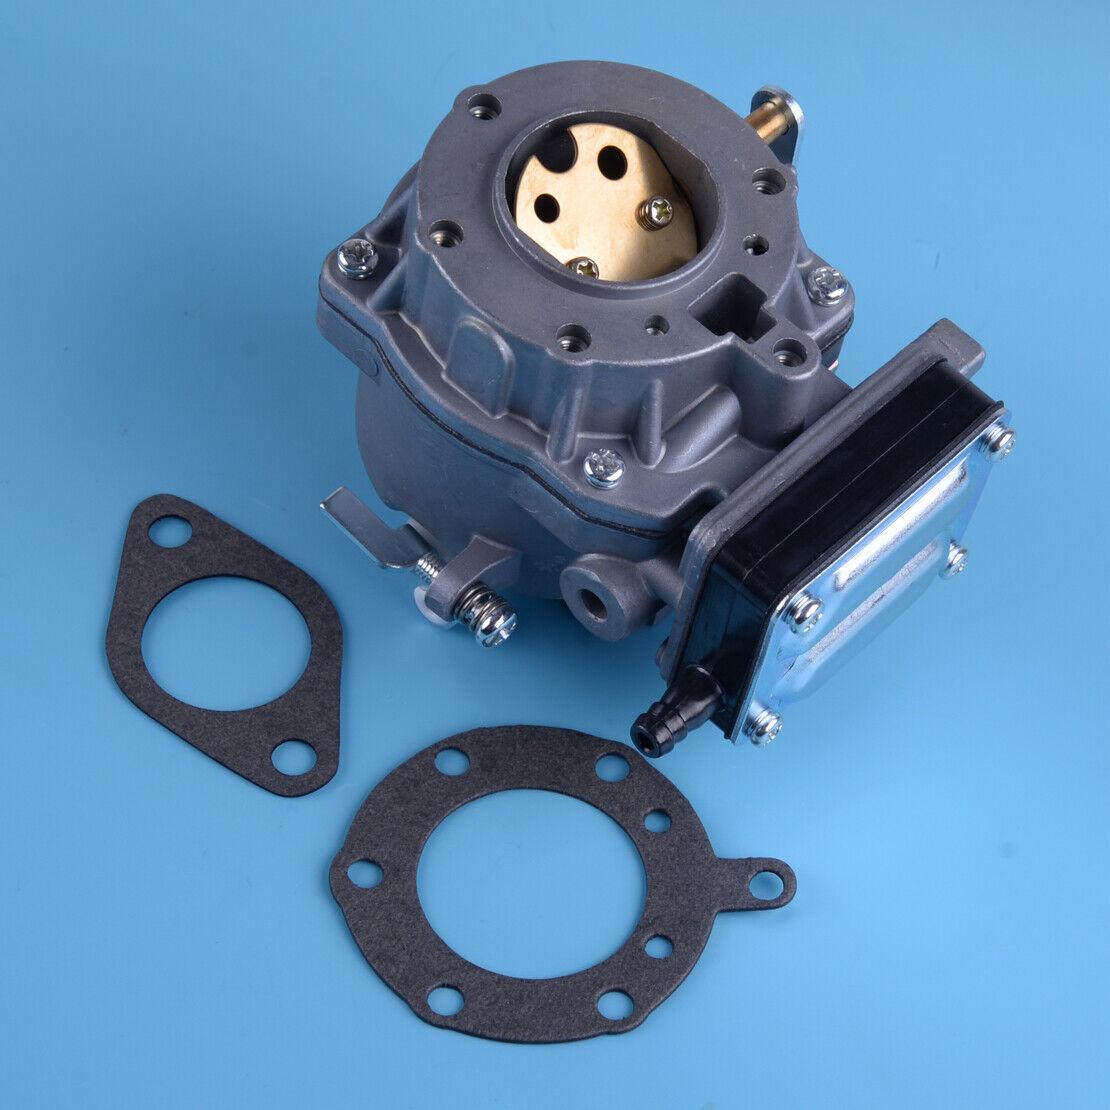 Cocheburateur pour Briggs & Stratton 693480 Cocheburetor 499306 495181 495026 491429